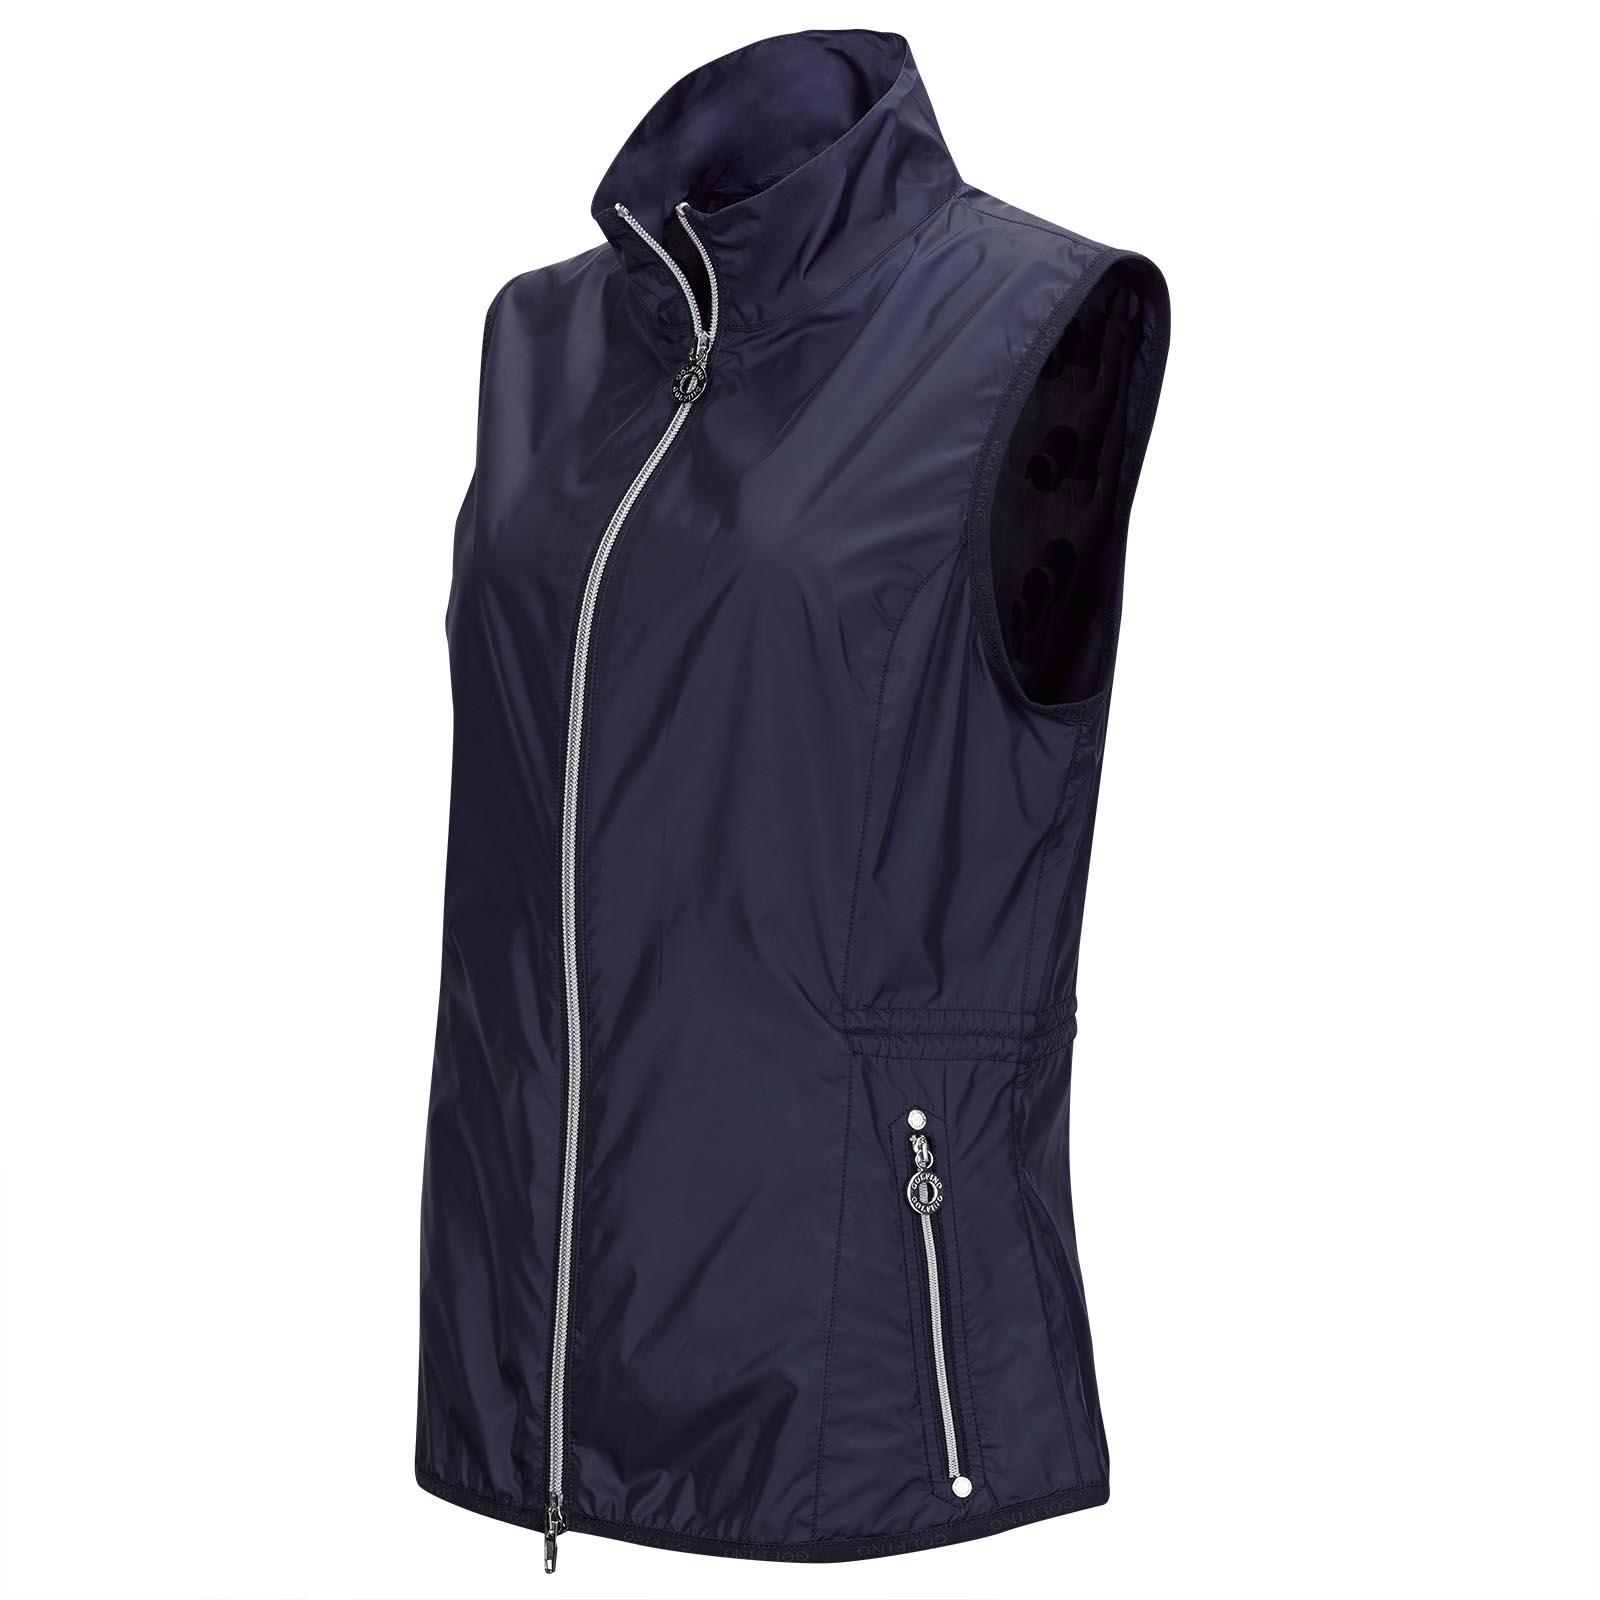 Ultraleichte und atmungsaktive Damen Golfweste Wind Protection